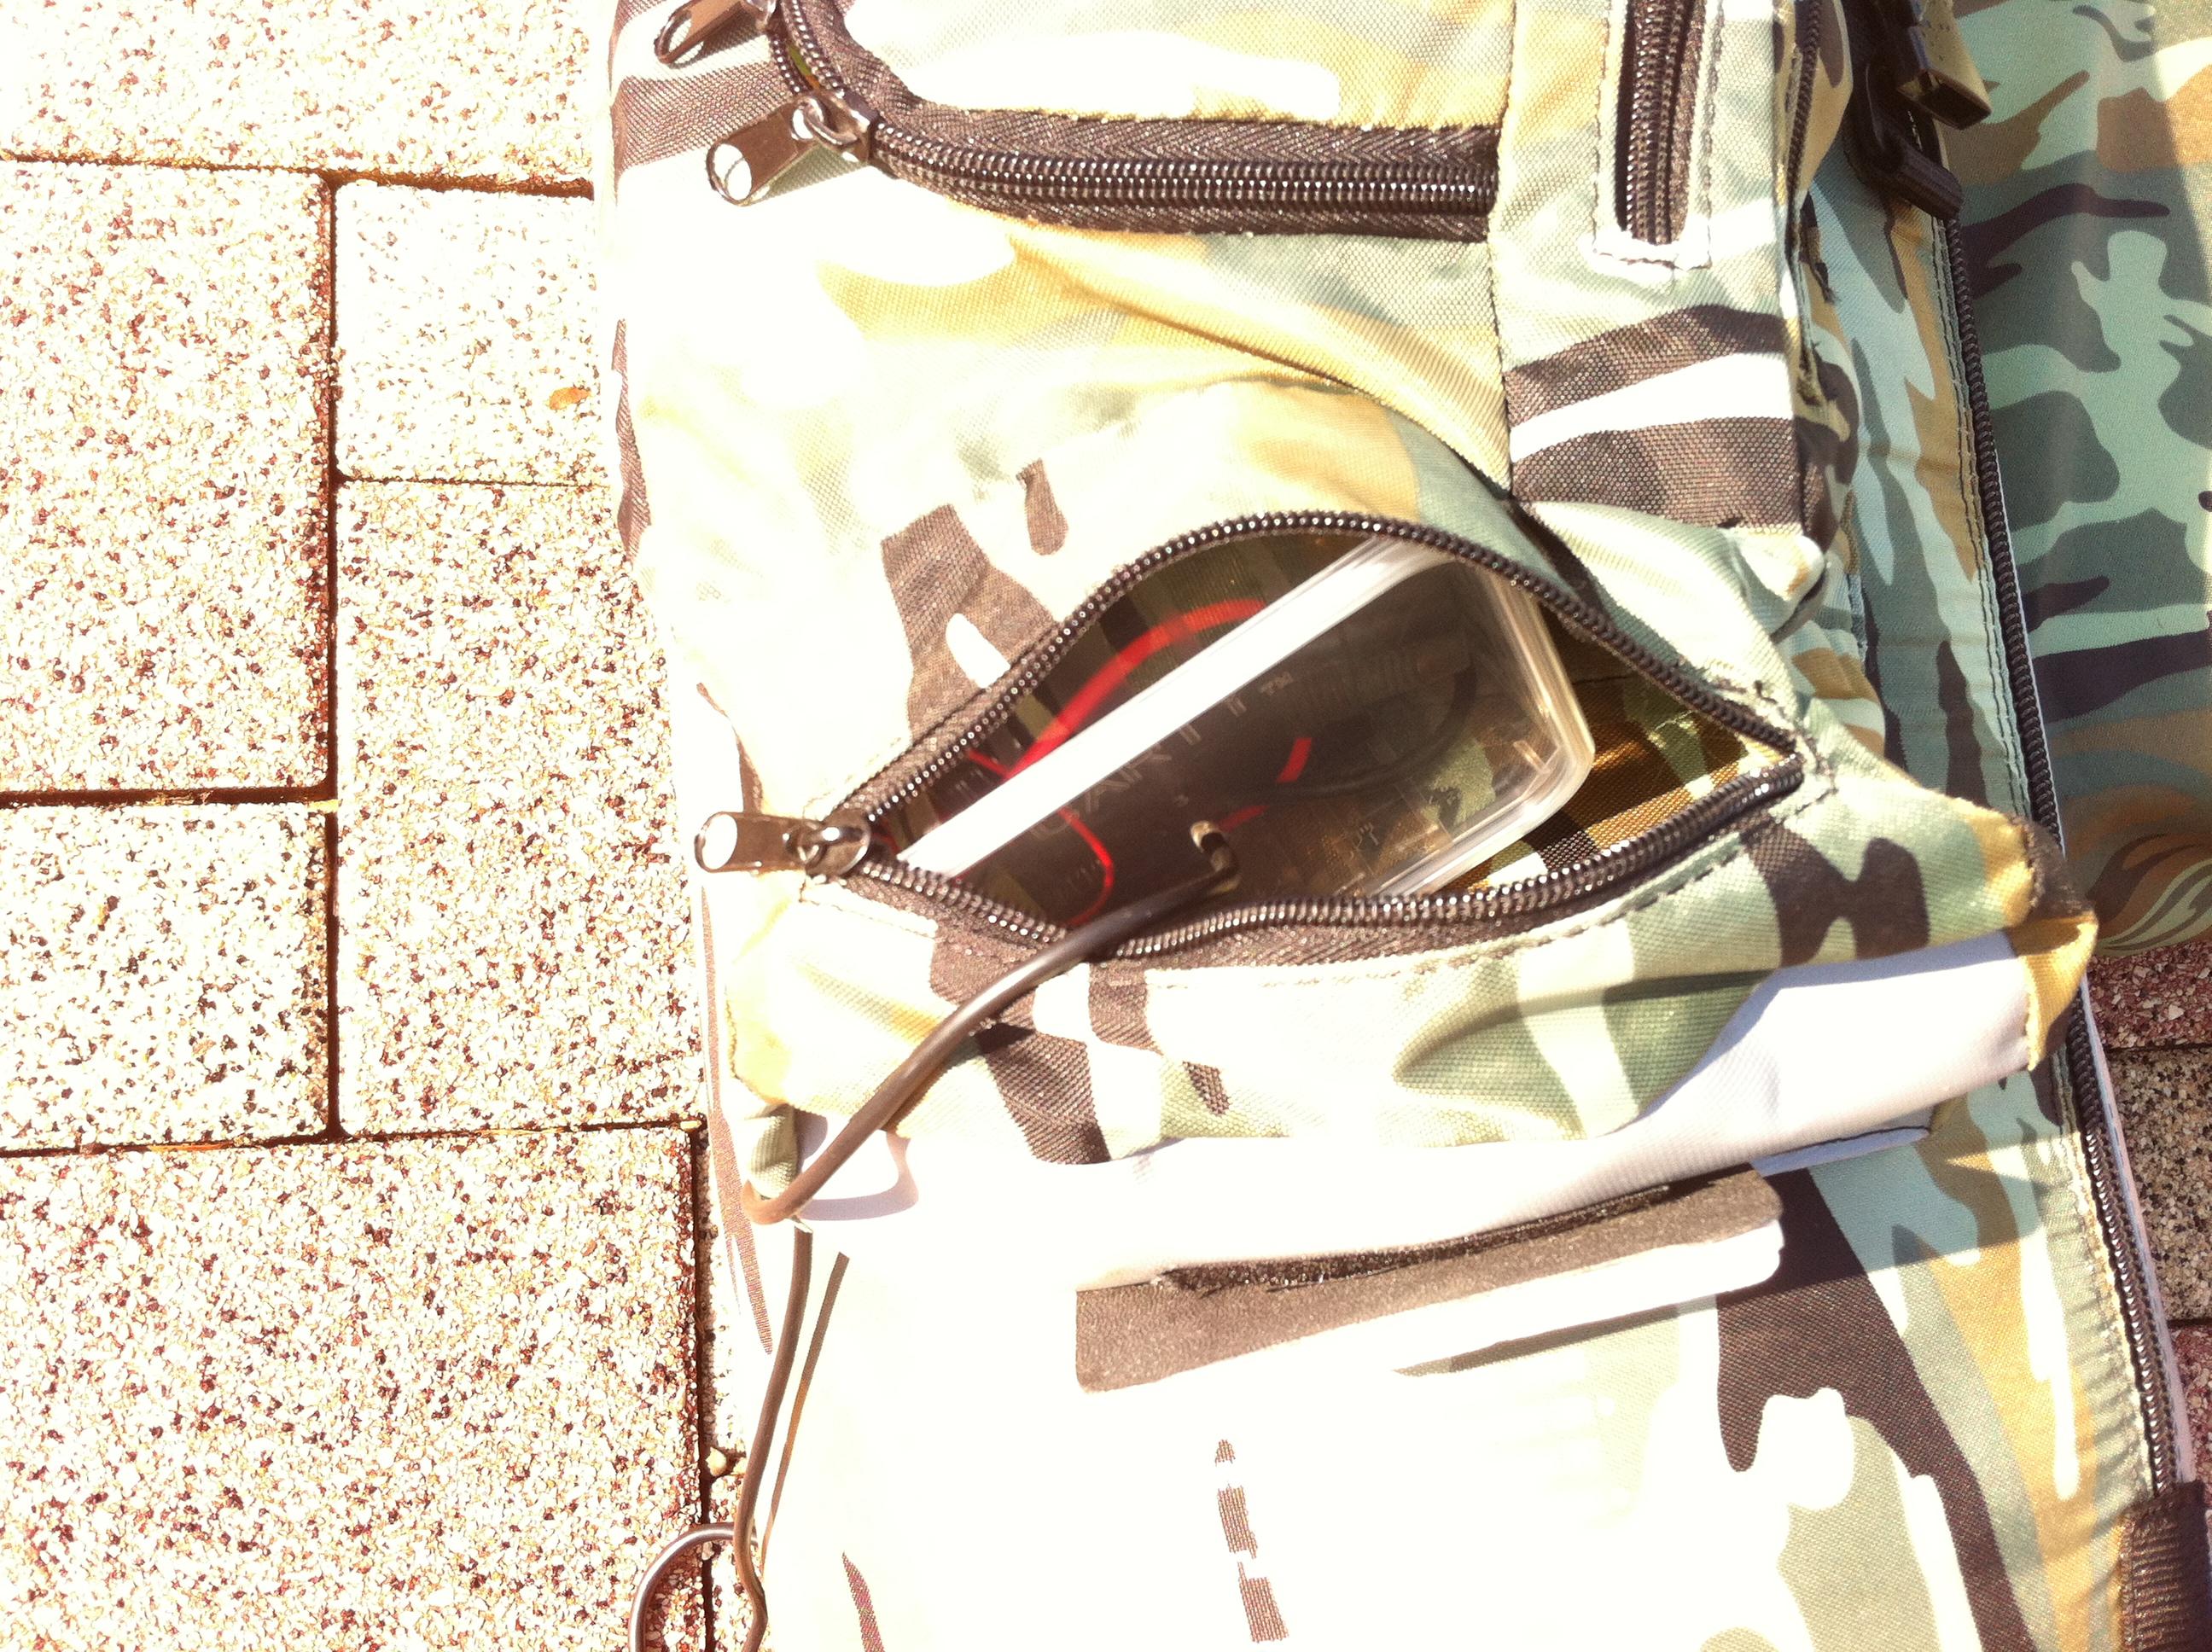 batterie pour echo sondeur + achat sondeur - Page 2 142755IMG1200